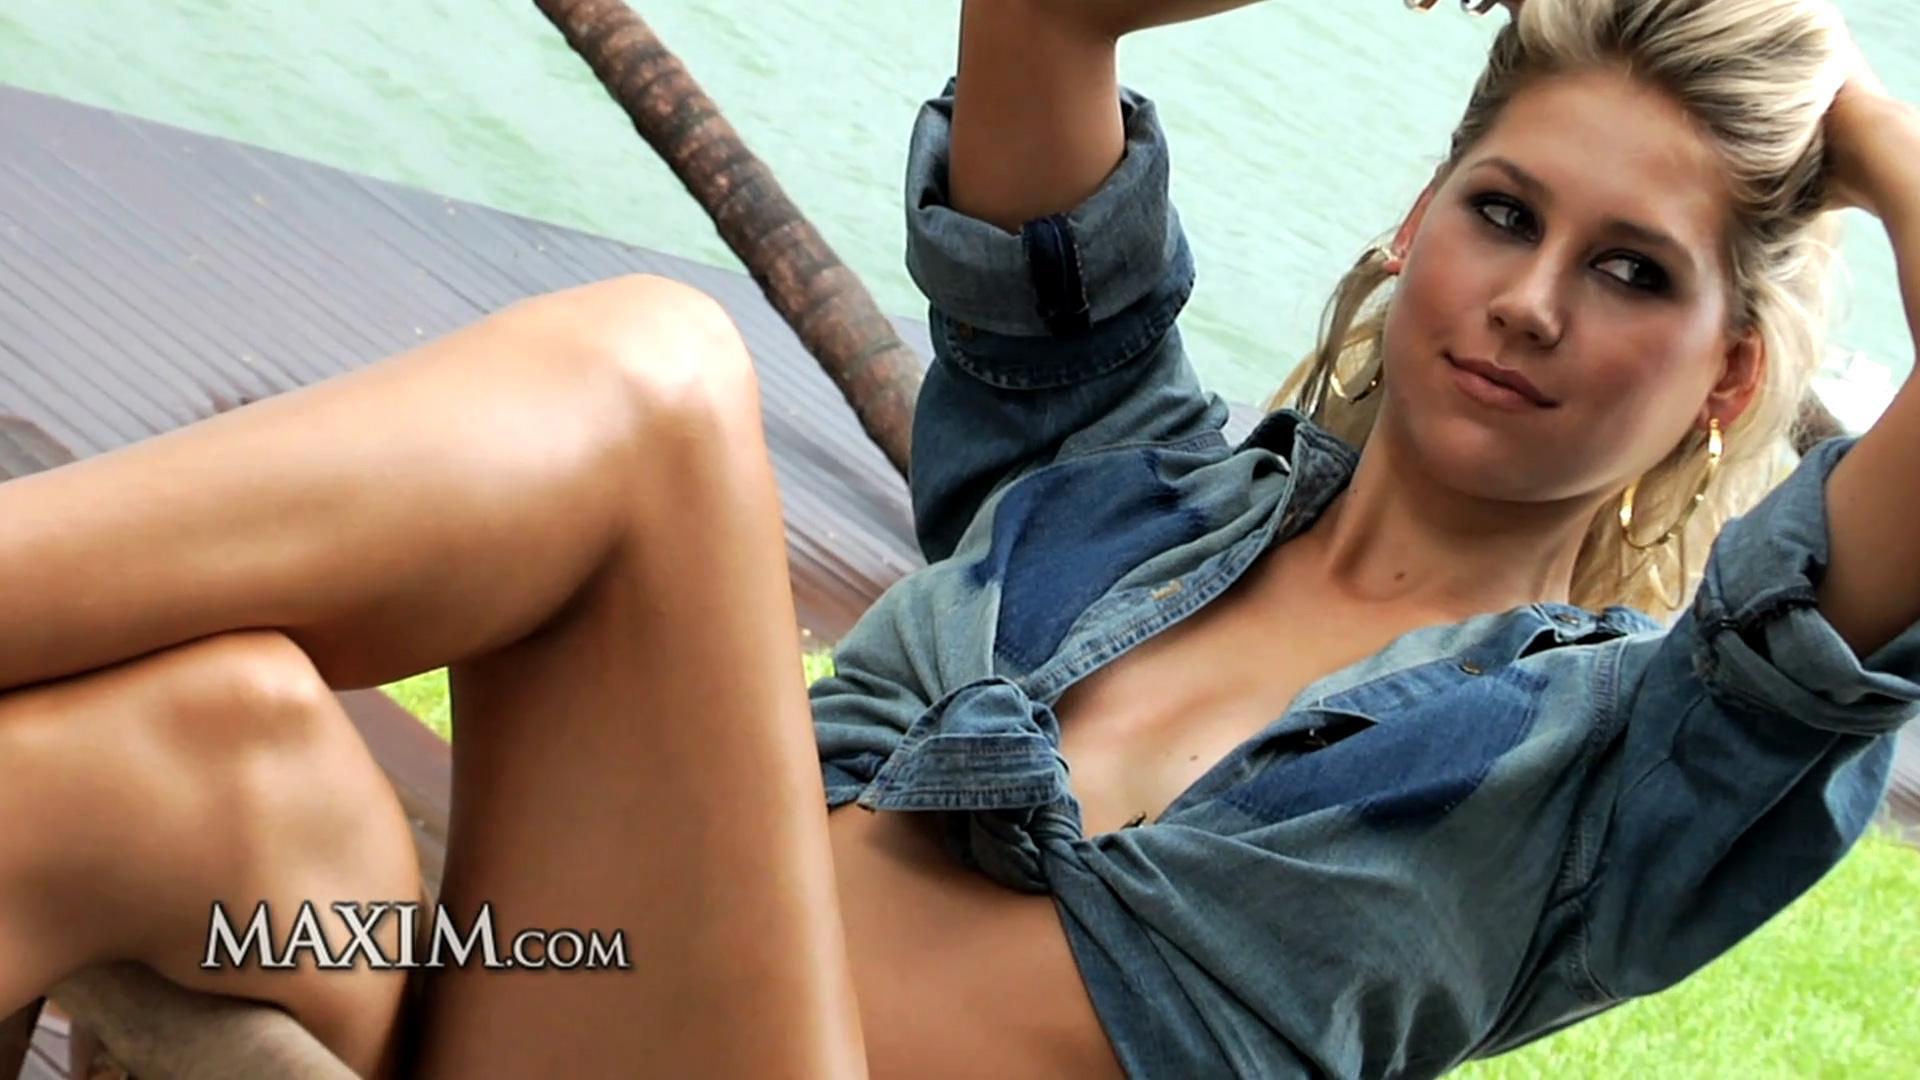 Anna Kournikova Nude Naked Pics And Videos Imperiodefamosas